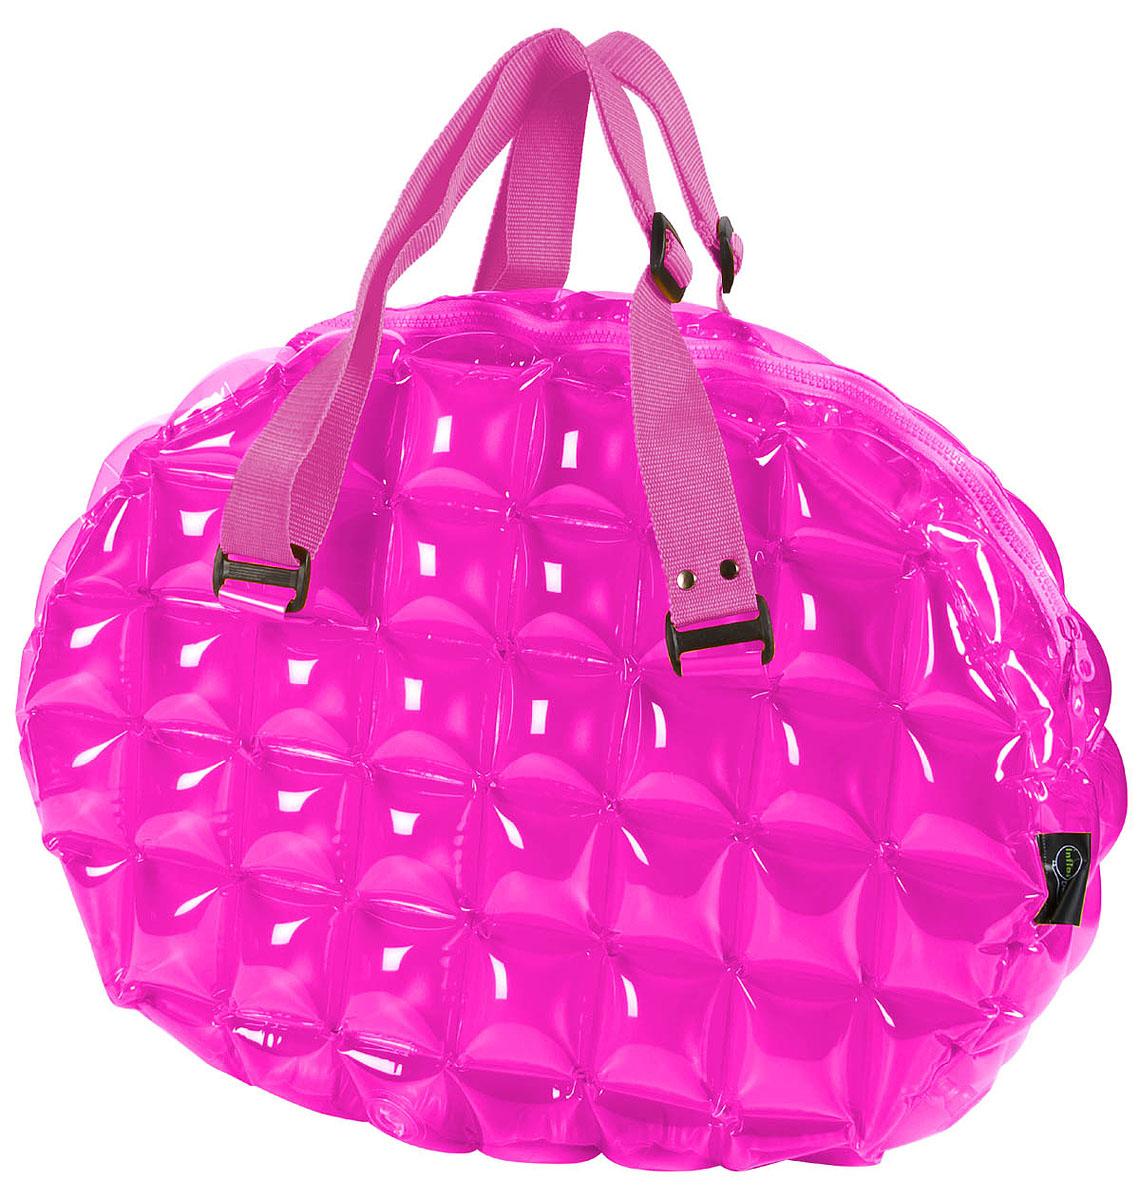 Сумка надувная спортивная Inflat Decor, цвет: фуксия. 01230123 Pinky PurpleЯркая надувная сумка - великолепный аксессуар на лето! Сумка овальной формы выполнена из ПВХ и снабжена ручками из полиэстера. Модель закрывается на пластиковую молнию. Сумка легко надувается при помощи мини-насоса (входит в комплект) или рта. В сдутом виде сумка очень компактна и не займет много места. Надувная вместительная сумка - отличное решение для отдыха на пляже или похода в спортзал.